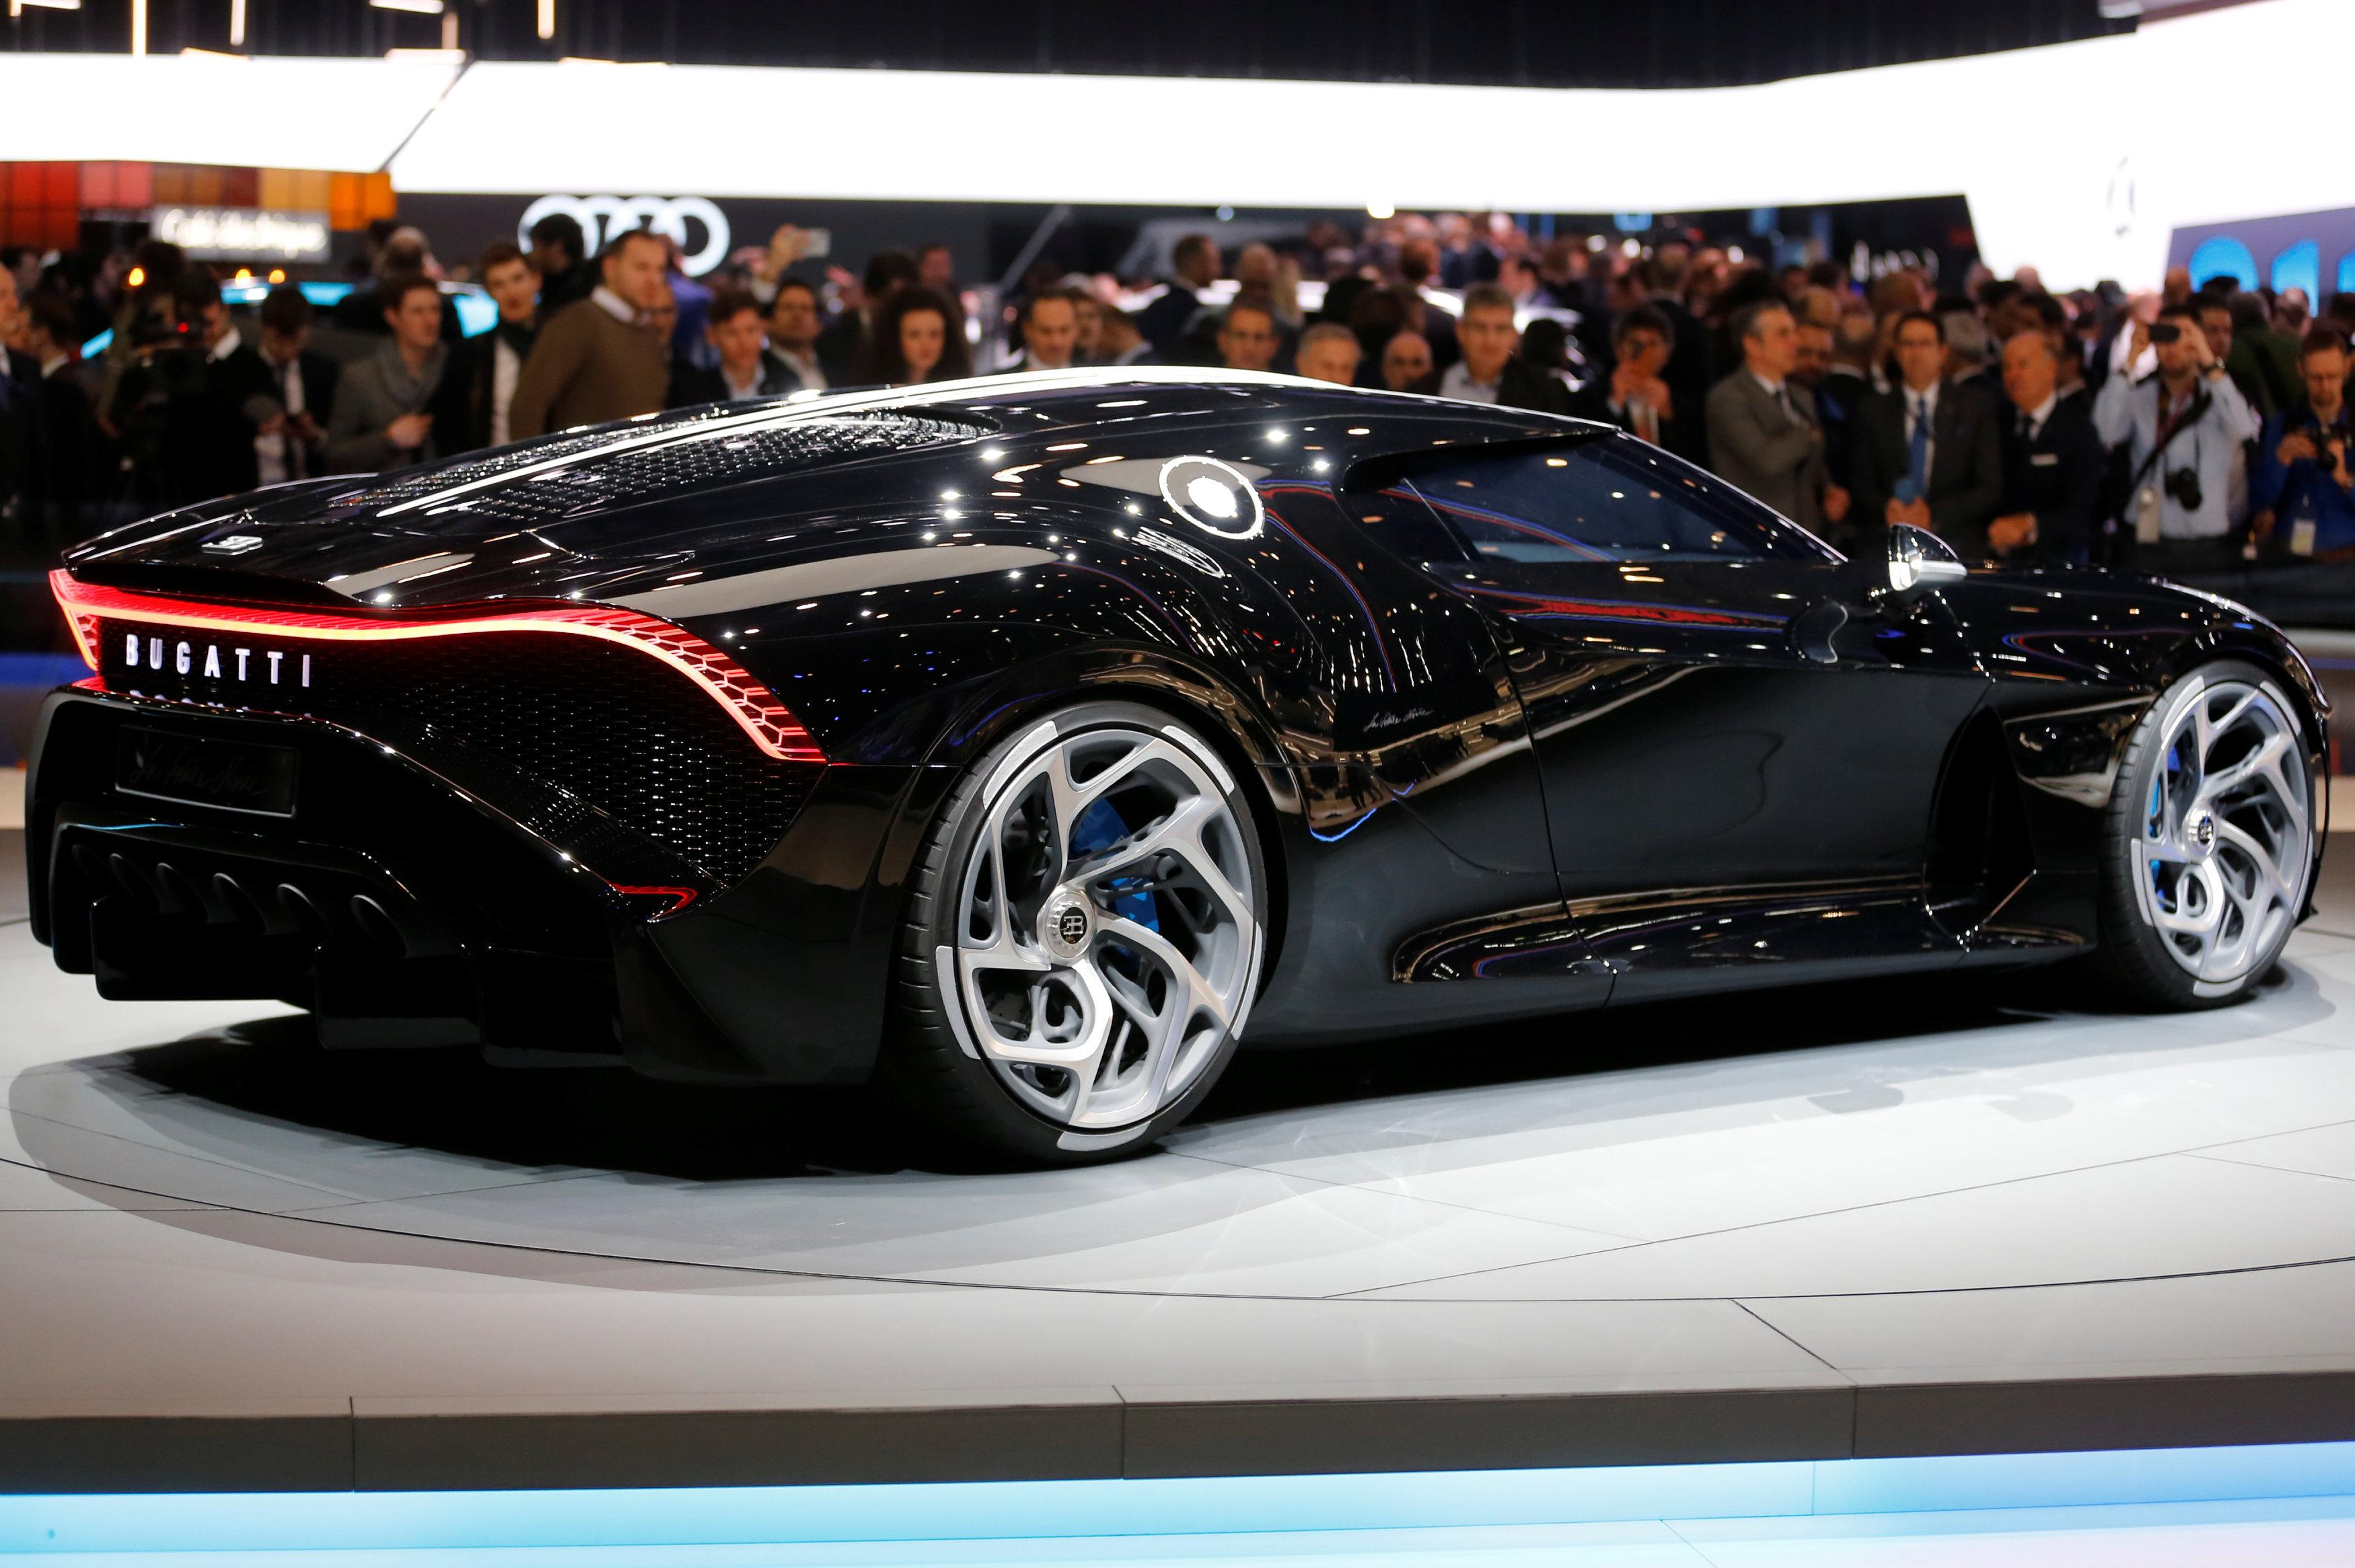 El 'La Voiture Noire' de Bugatti, el auto más caro del mundo